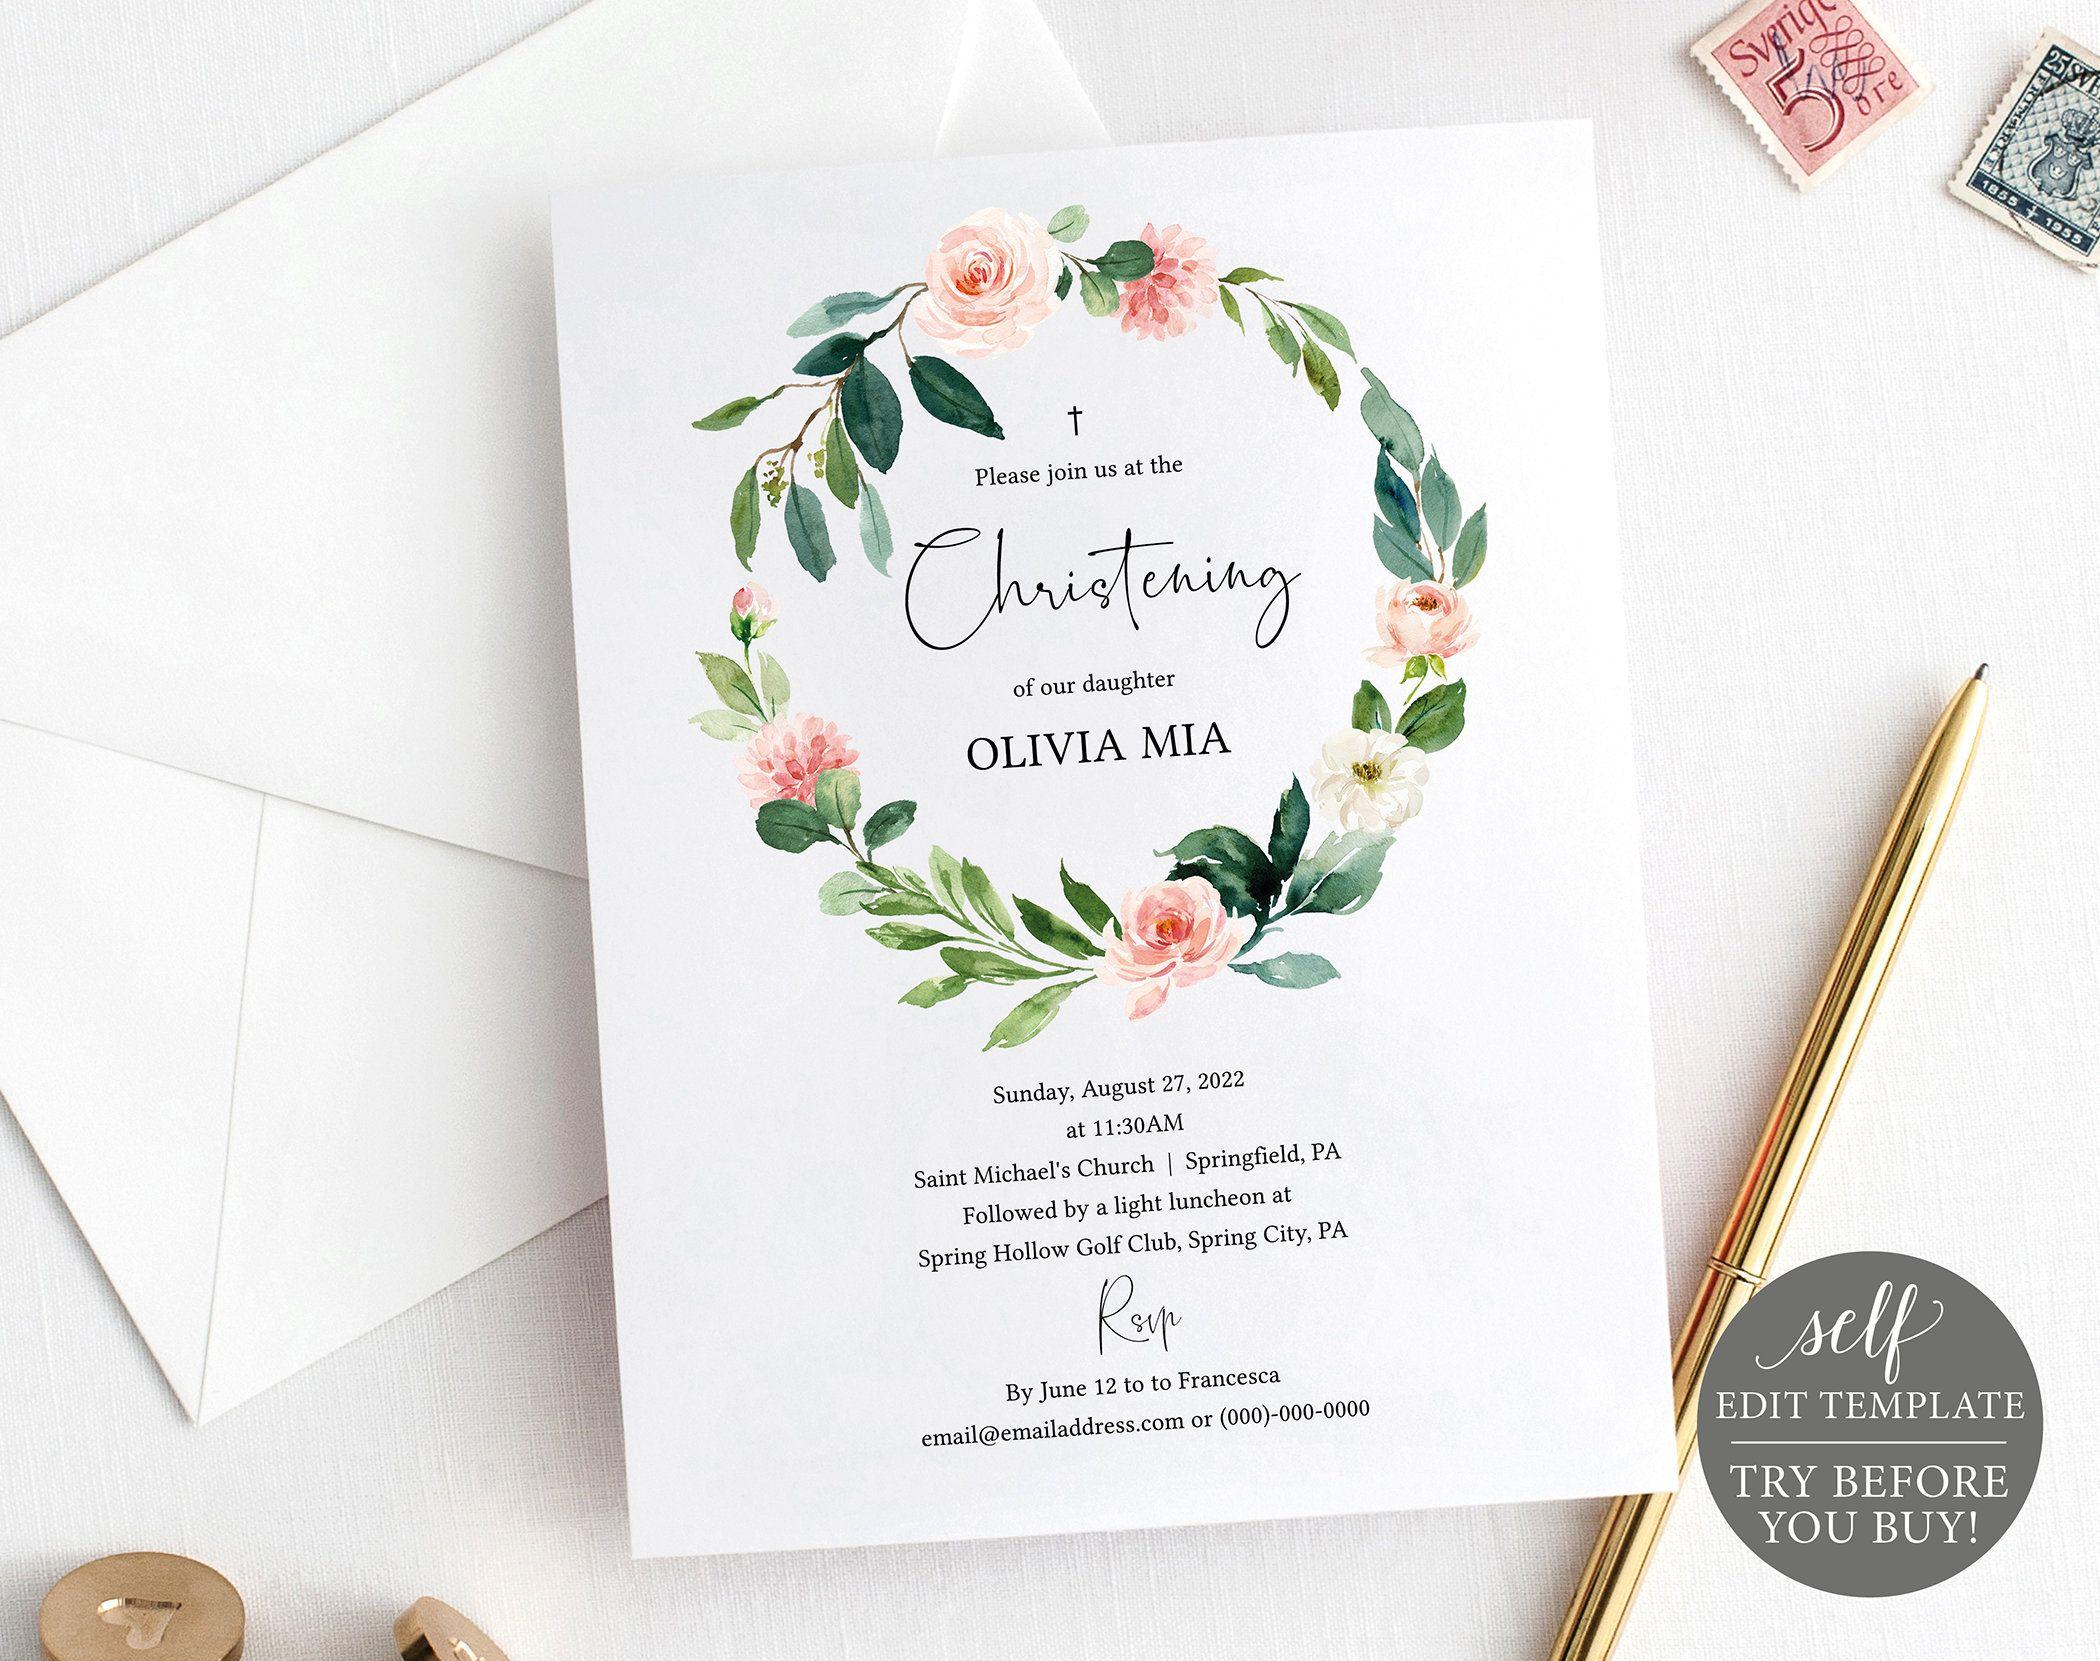 Christening Invitation Template, Editable & Printable